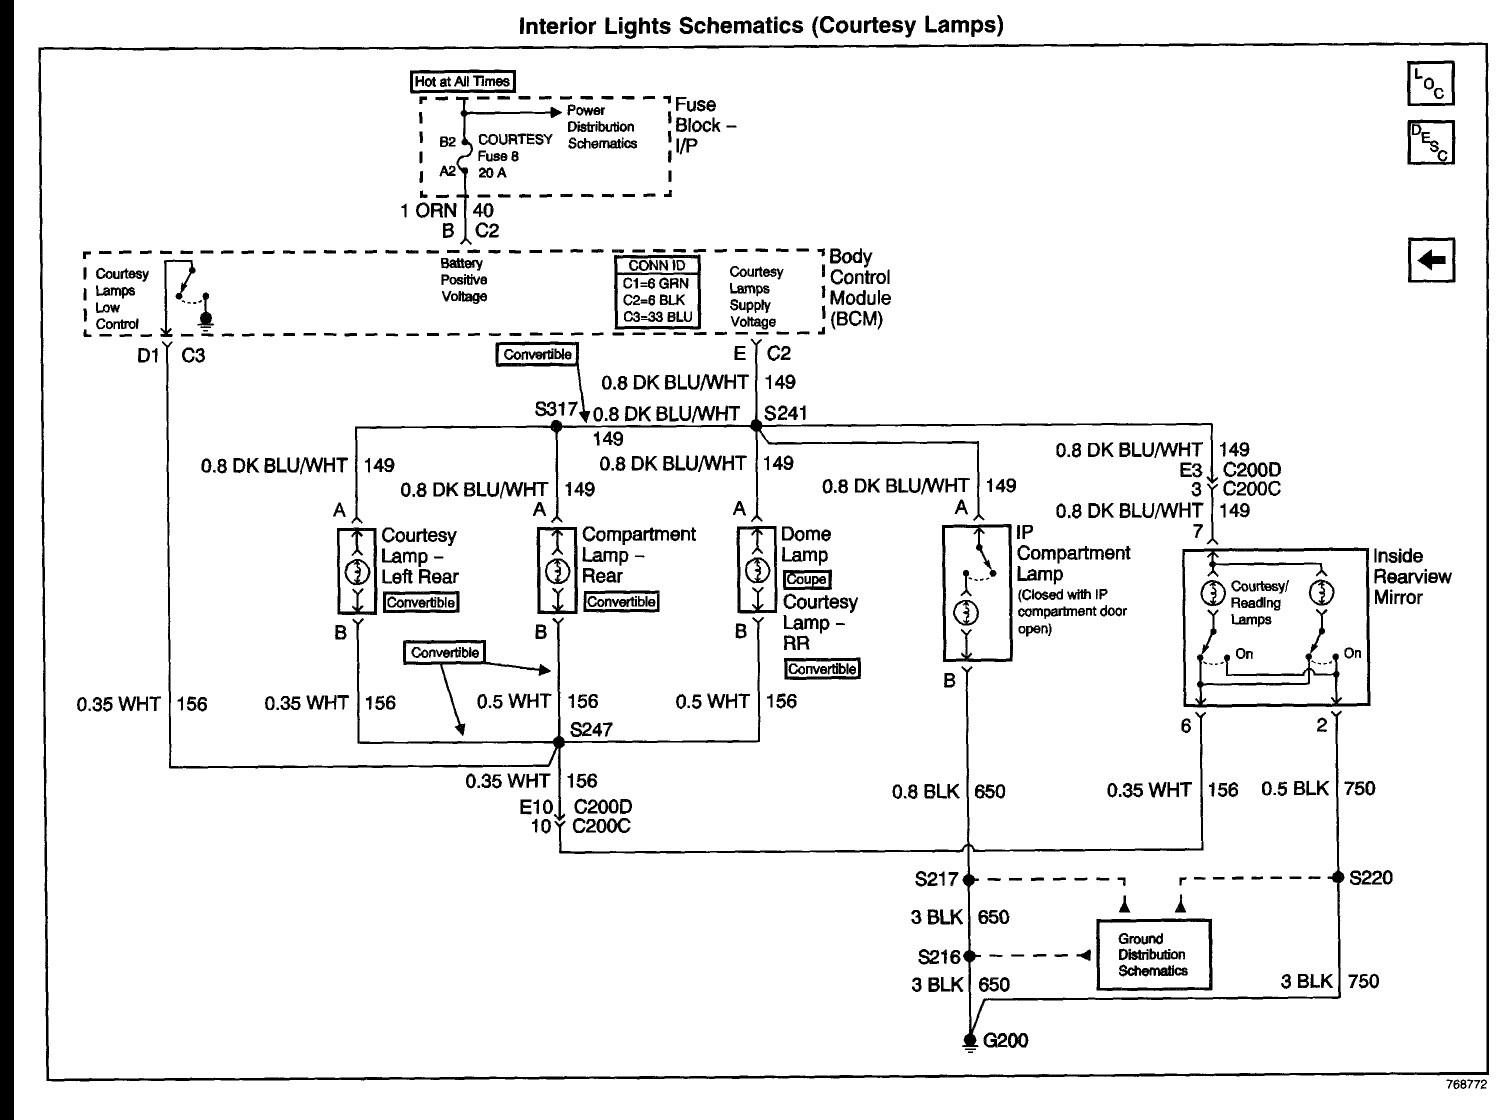 onstar wiring diagram electrical circuit for a gm rear view mirror silverado collection rh faceitsalon com